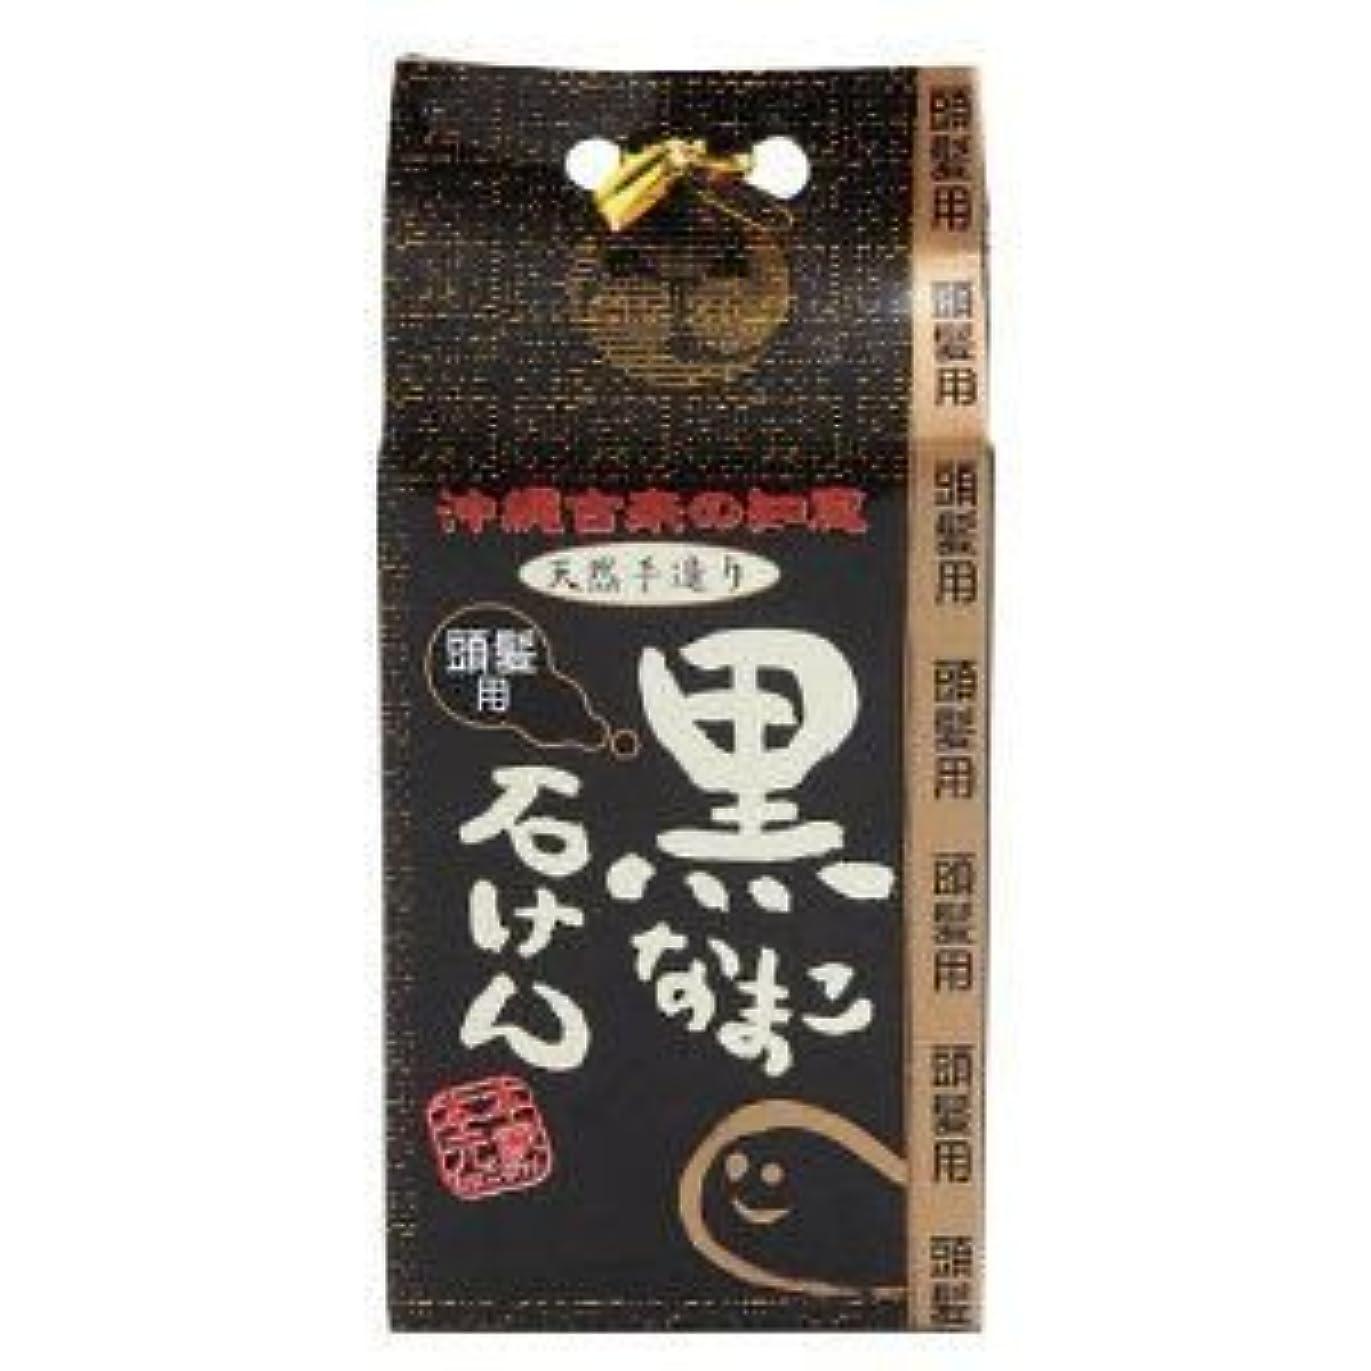 悪意のある祭り核黒なまこ石けん 90g  3個セット ※素材のひとつひとつにこだわった石鹸シャンプーです。